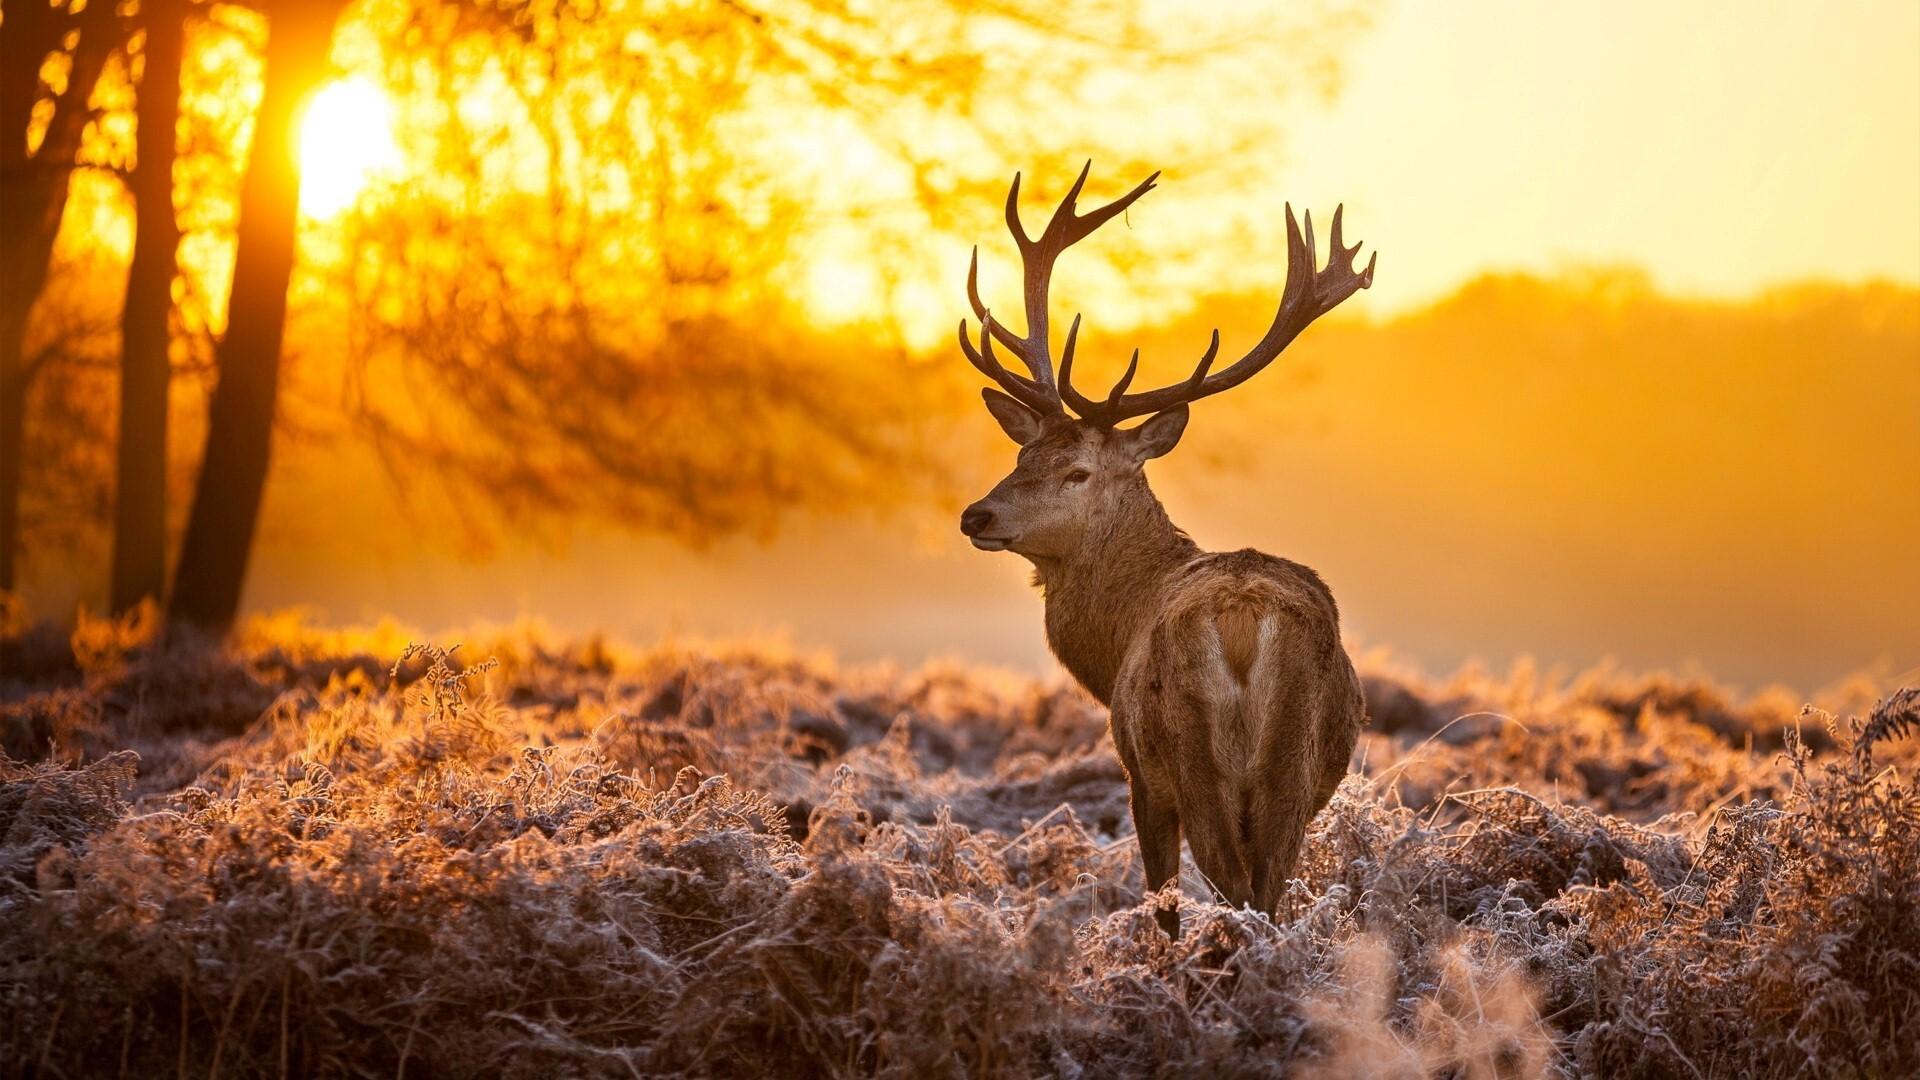 Wallpapers Collection «Deer Wallpapers»